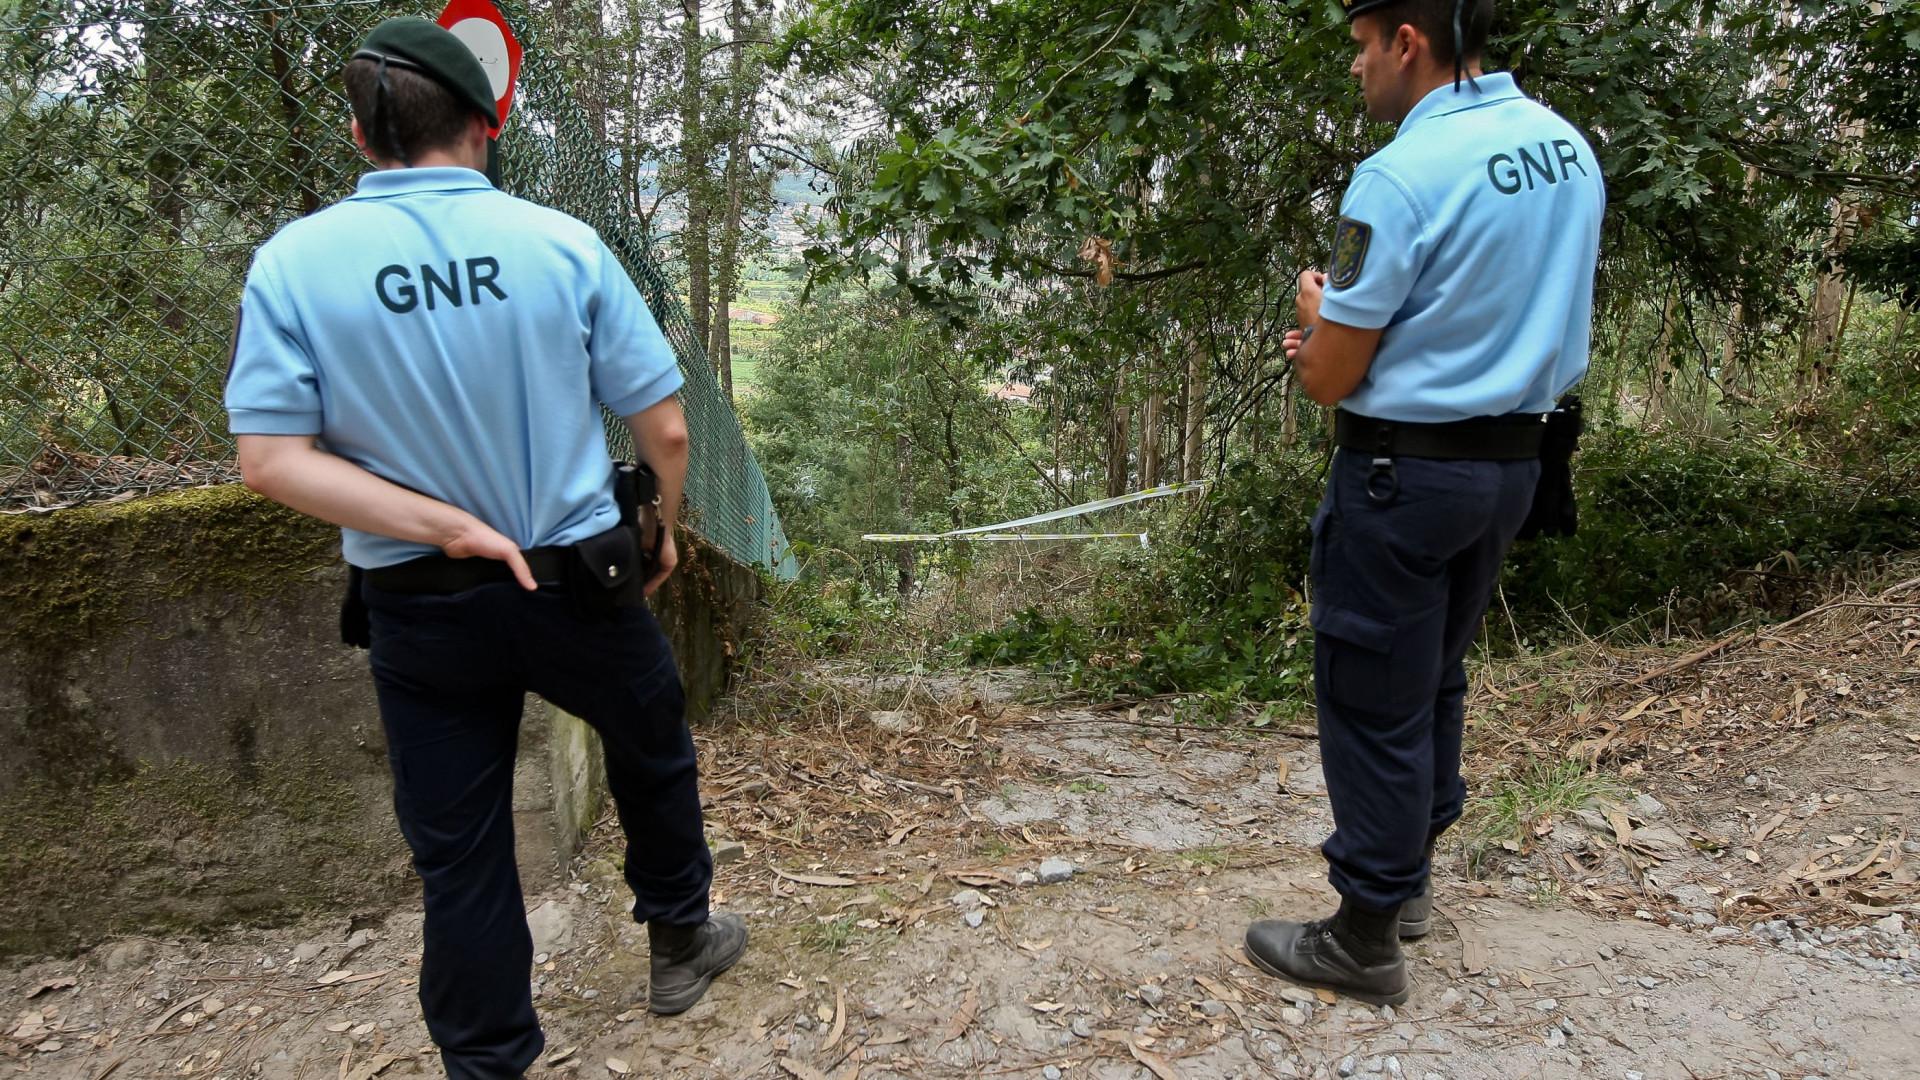 Marcelo promulga diploma que cria Unidade de Emergência da GNR